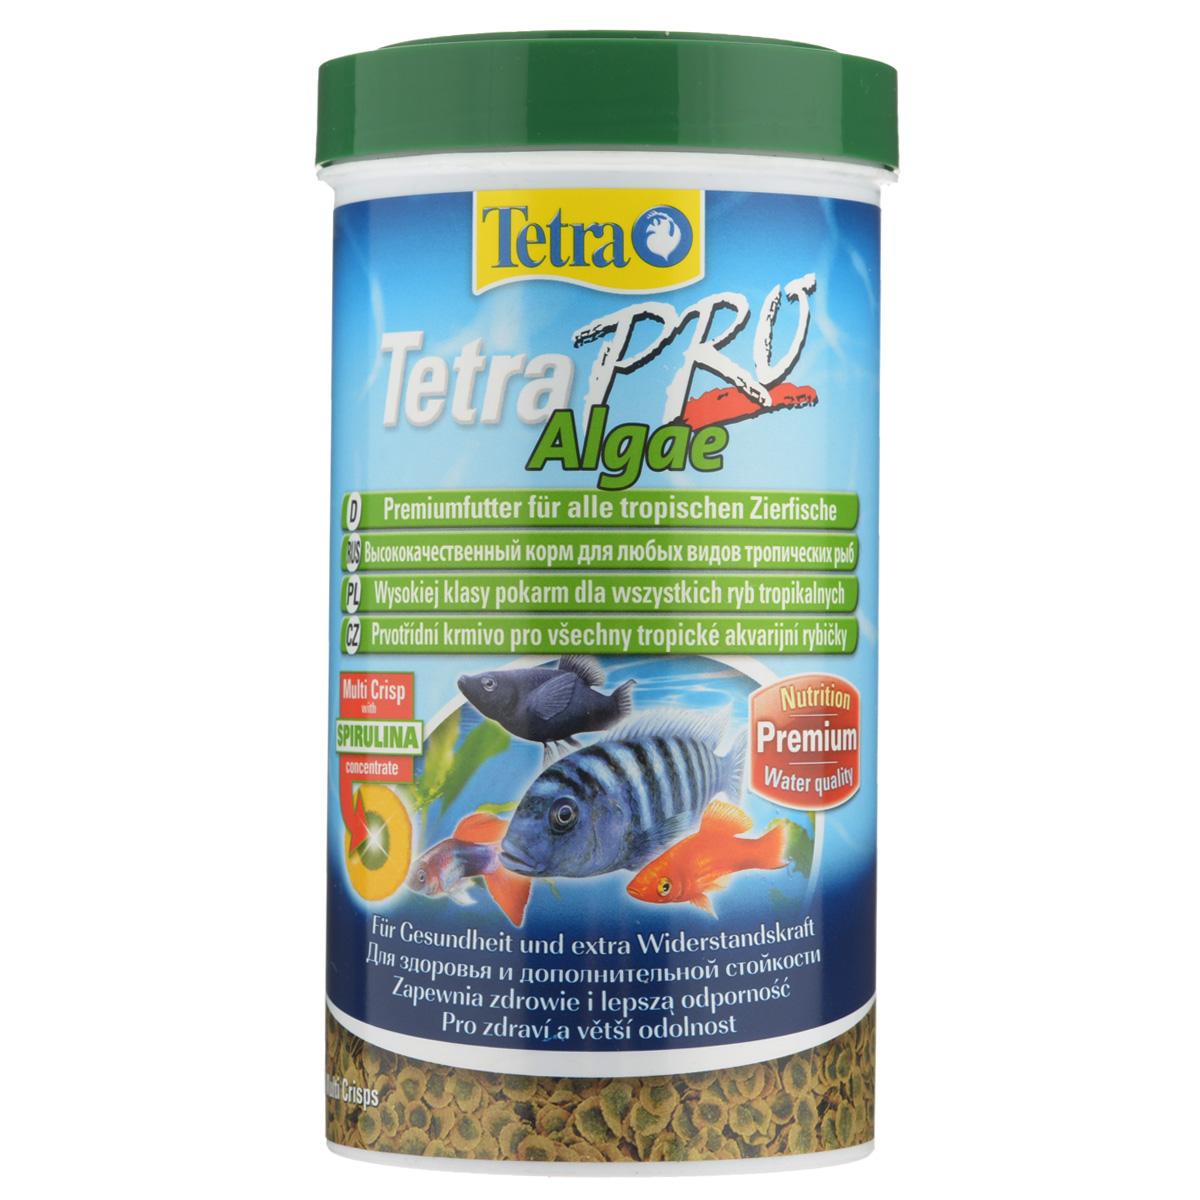 Корм сухой Tetra TetraPro. Algae для всех видов тропических рыб, чипсы, 500 мл (95 г)0120710Полноценный высококачественный корм Tetra TetraPro. Algae для всех видов тропических рыб разработан для поддержания здоровья и придания дополнительной стойкости. Особенности Tetra TetraPro. Algae: - щадящая низкотемпературная технология изготовления для высокой питательной ценности и стабильности витаминов;- концентрат спирулина для повышения сопротивляемости организма;- инновационная форма чипсов для минимального загрязнения воды;- идеально подходит для растительноядных рыб;- легкое кормление. Рекомендации по кормлению: кормить несколько раз в день маленькими порциями.Состав: рыба и побочные рыбные продукты, зерновые культуры, экстракты растительного белка, дрожжи, моллюски и раки, масла и жиры, водоросли (спирулина 1%).Аналитические компоненты: сырой белок - 46%, сырые масла и жиры - 12%, сырая клетчатка - 3%, влага - 9%.Добавки: витамины, провитамины и химические вещества с аналогичным воздействием, витамин А 29810 МЕ/кг, витамин Д3 1860 МЕ/кг, Л-карнитин 123 мг/кг. Комбинации элементов: Е5 Марганец 67 мг/кг, Е6 Цинк 40 мг/кг, Е1 Железо 26 мг/кг. Красители, консерванты, антиоксиданты.Товар сертифицирован.